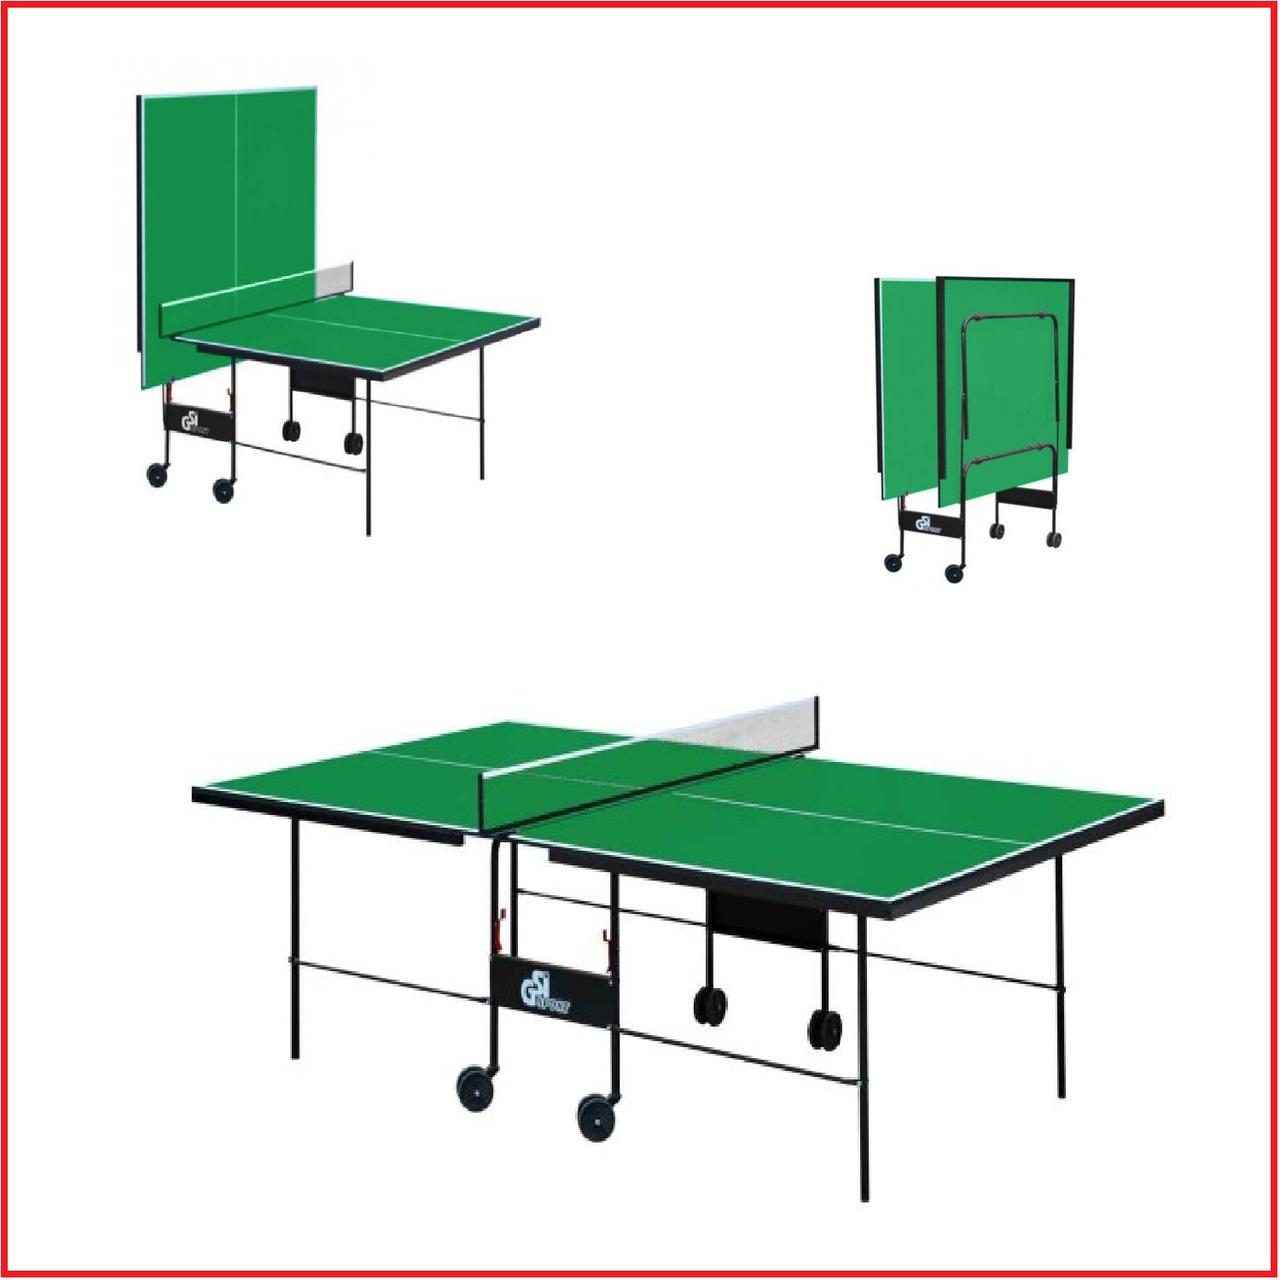 Теннисный стол для пинг понга для помещений Атлетик Стронг GSI-Sport Athletic Strong Gk-3.18